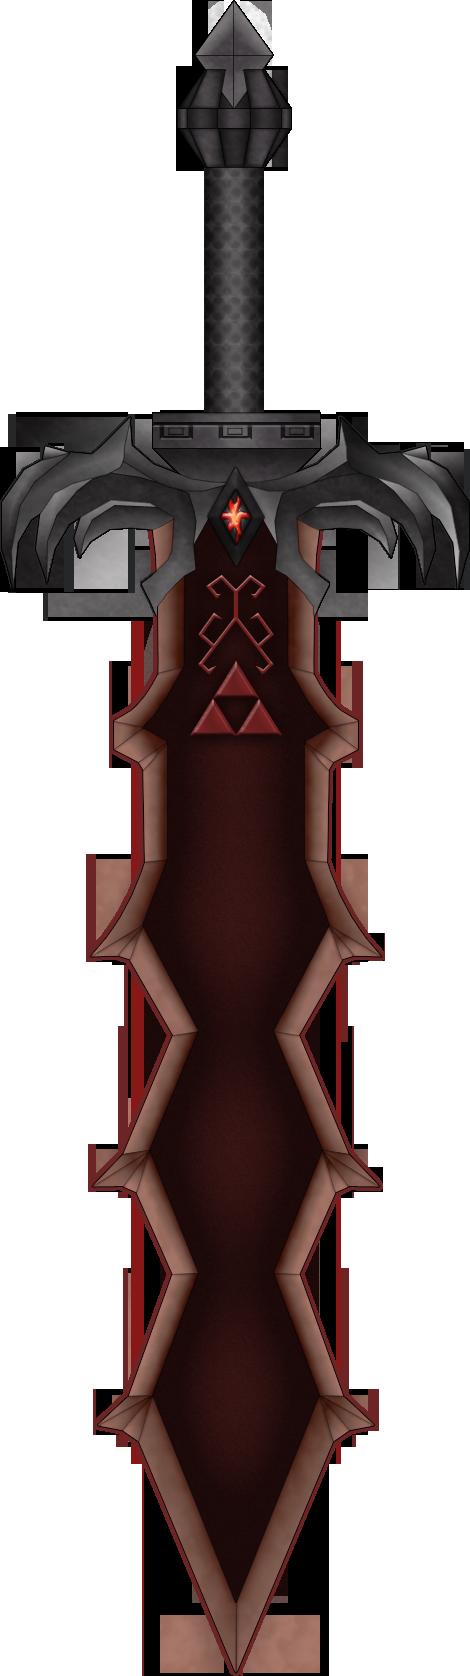 Demise's Sword 01112012